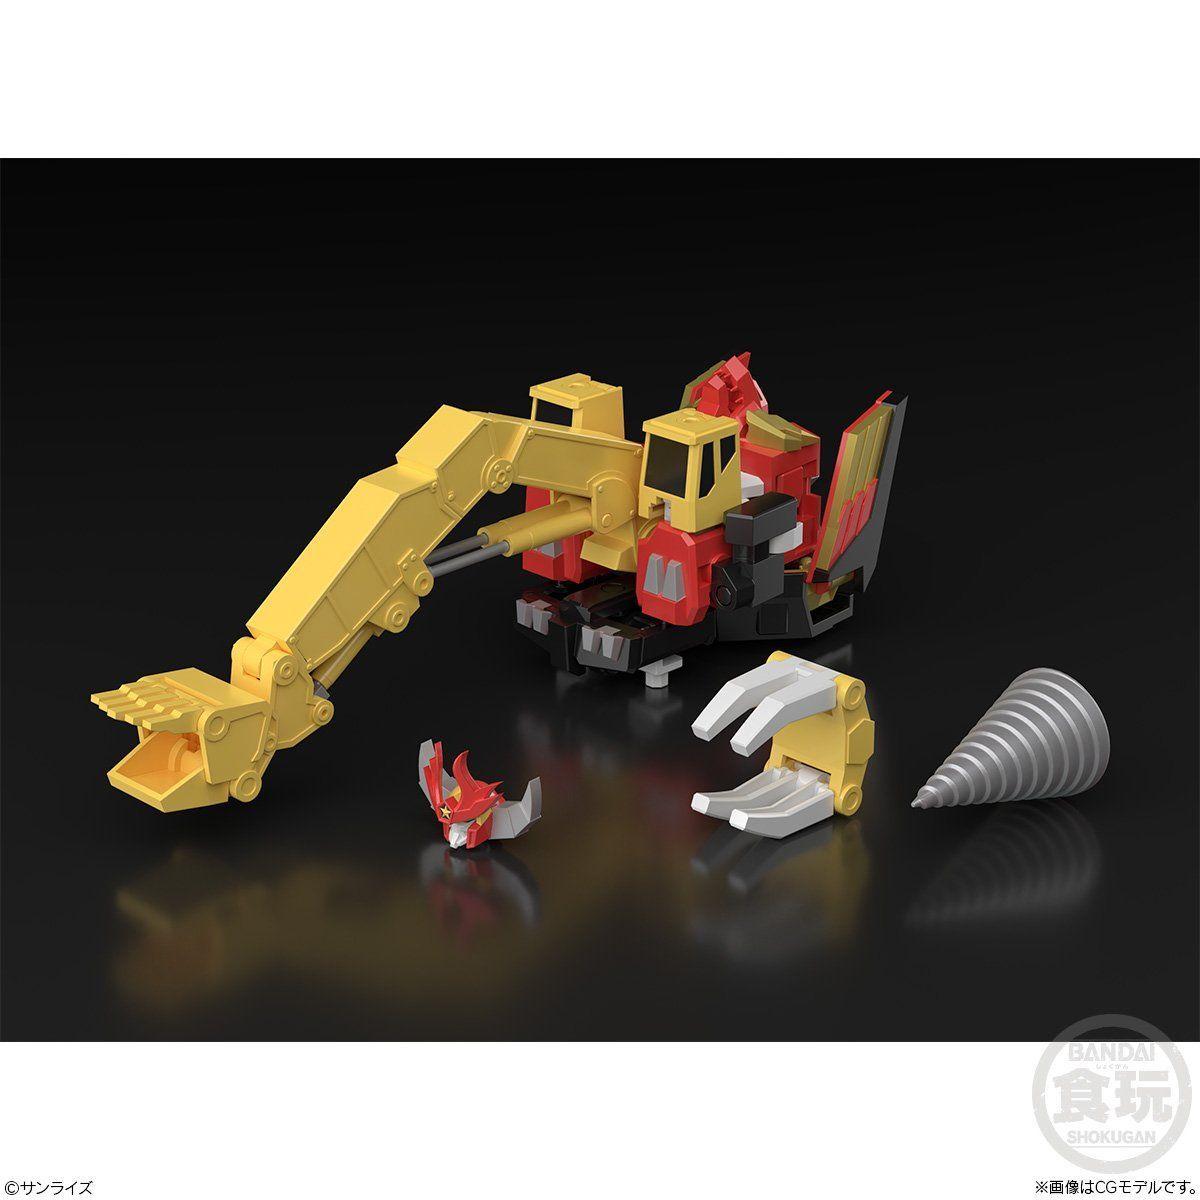 【食玩】スーパーミニプラ『勇者指令ダグオン2』勇者指令ダグオン 3個入りBOX-009